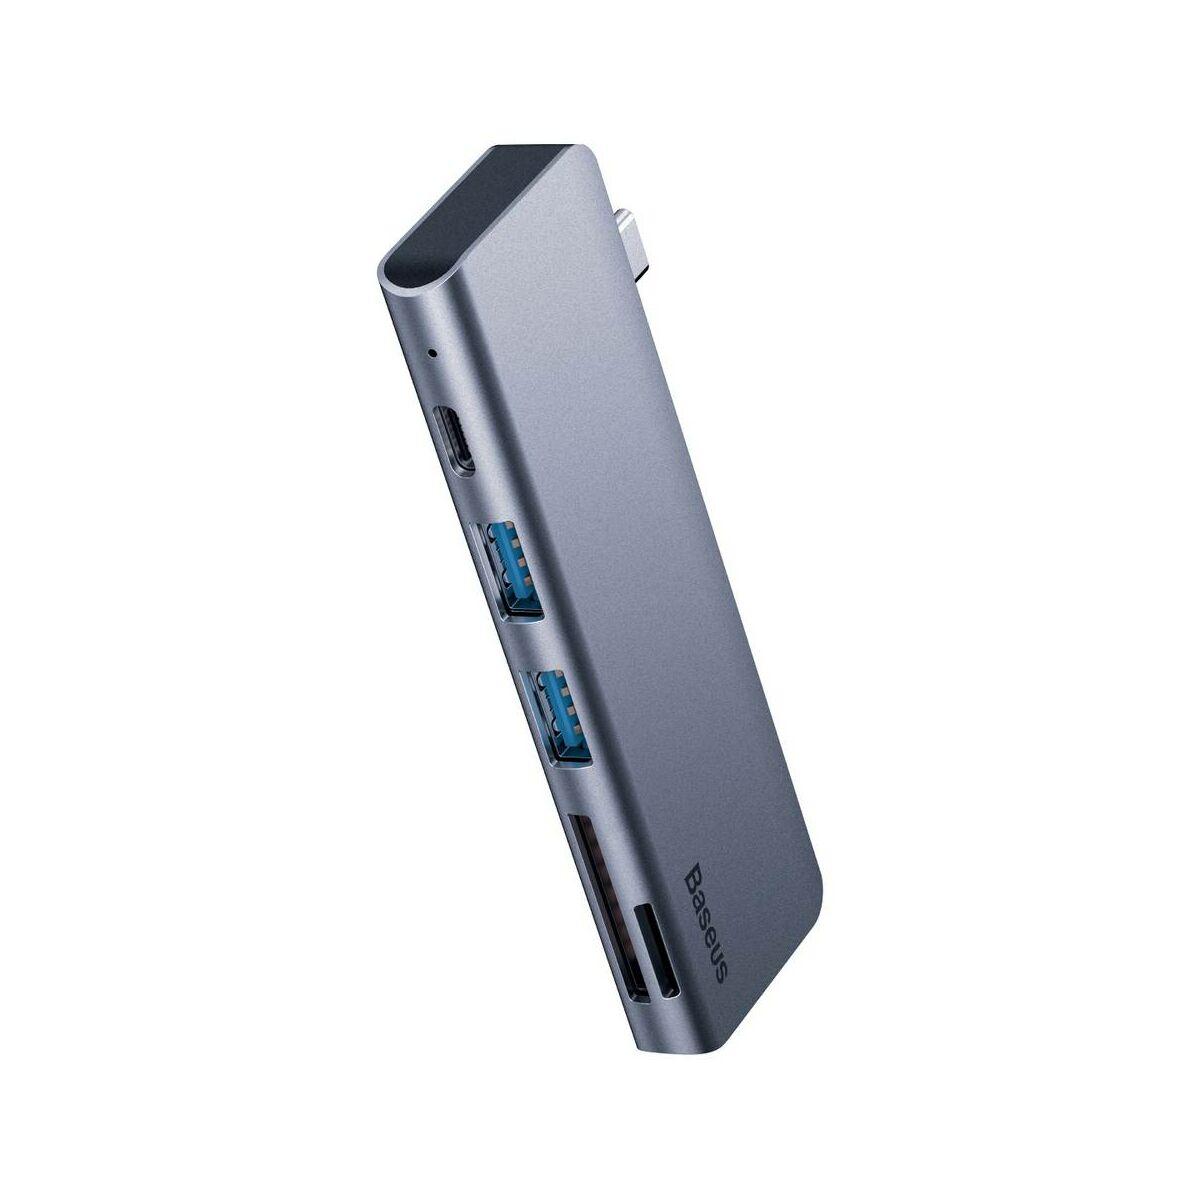 Baseus HUB, Harmonica 5-in-1 (Type-C bemenetről - SD/MicroSD/2xUSB3.0/Type-C) adapter, szürke (CAHUB-K0G)